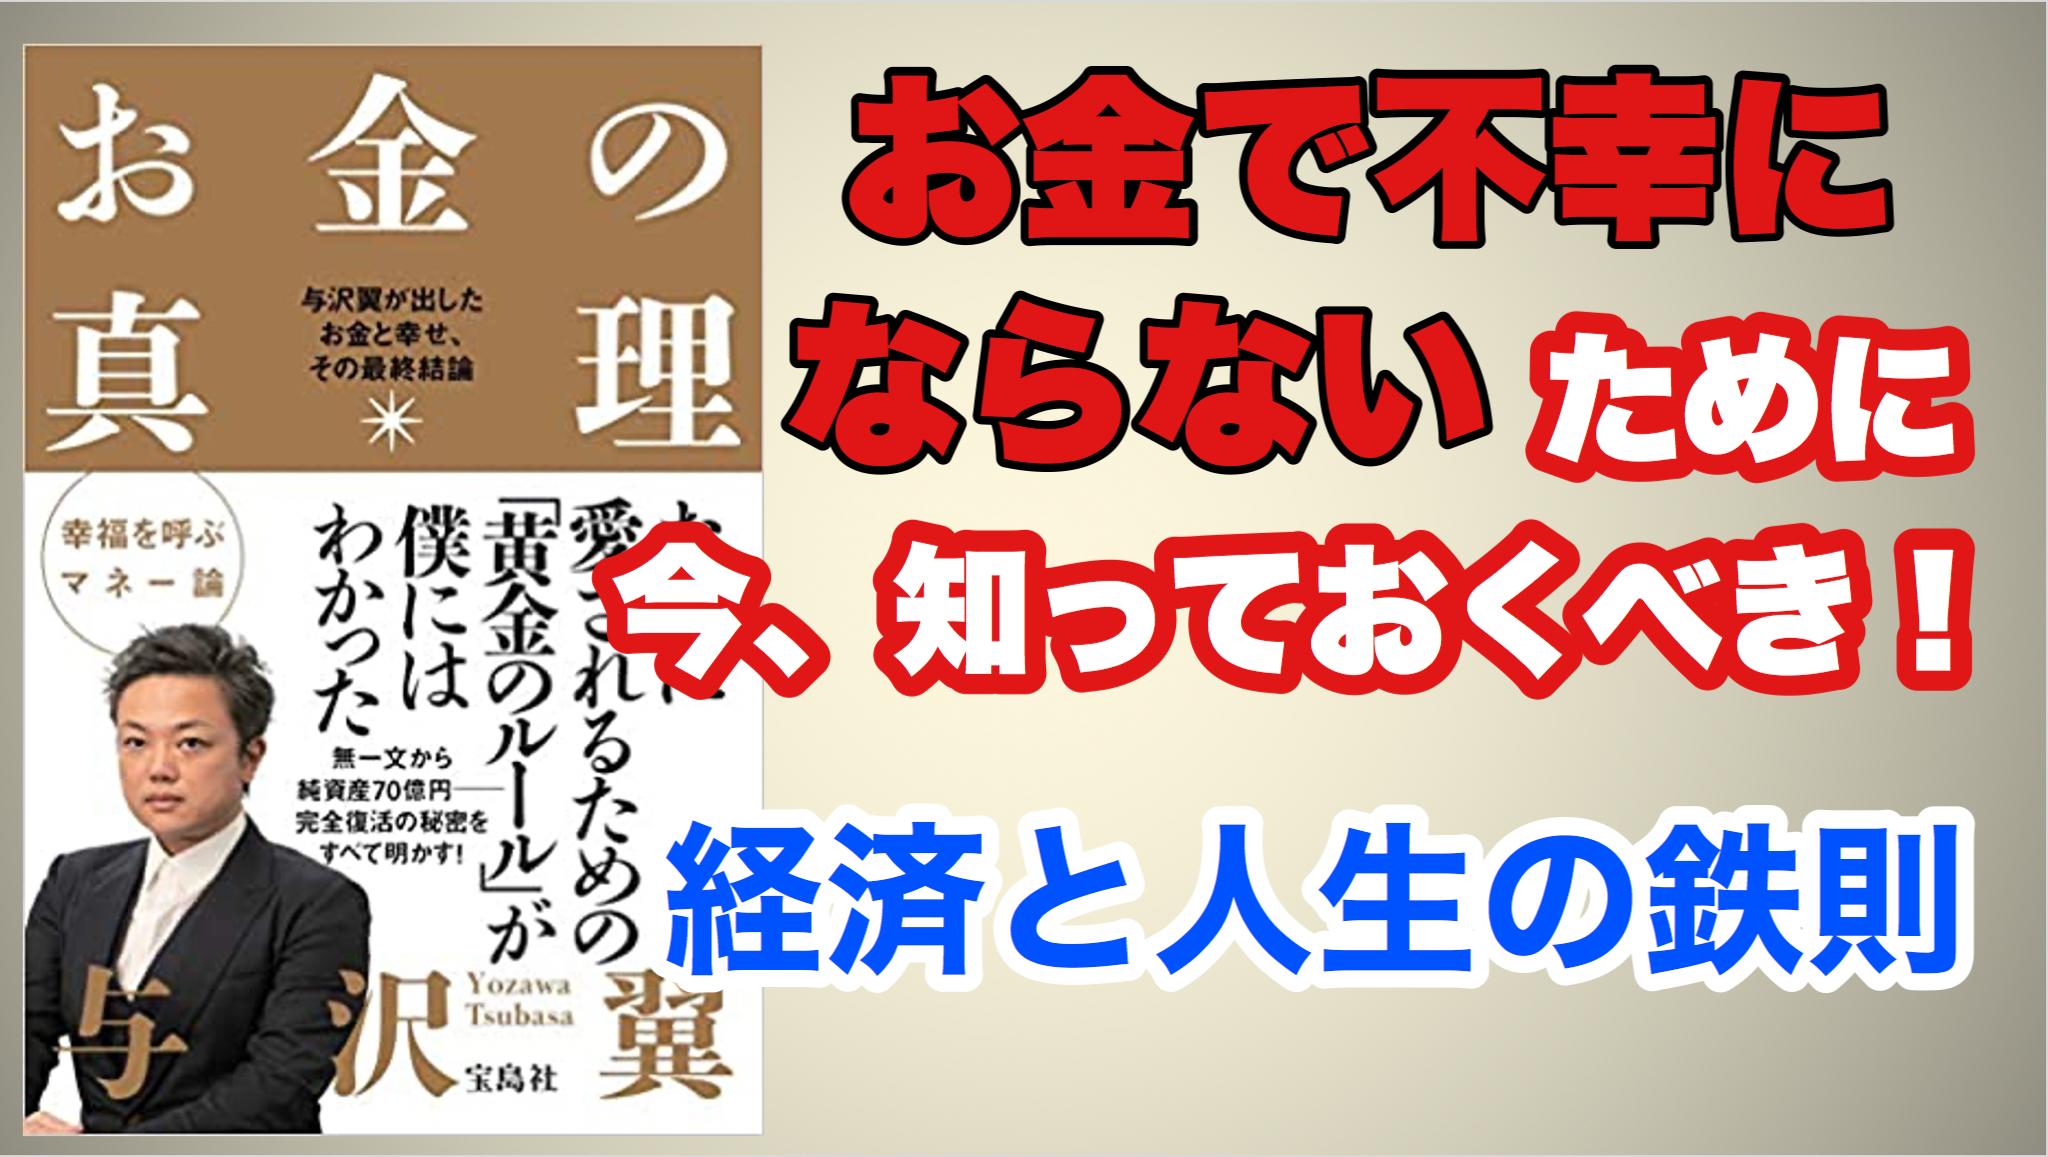 """【書評】「秒速1億円の男」が辿り着いた、""""お金に愛される生き方""""とは?『お金の真理(与沢翼)』"""